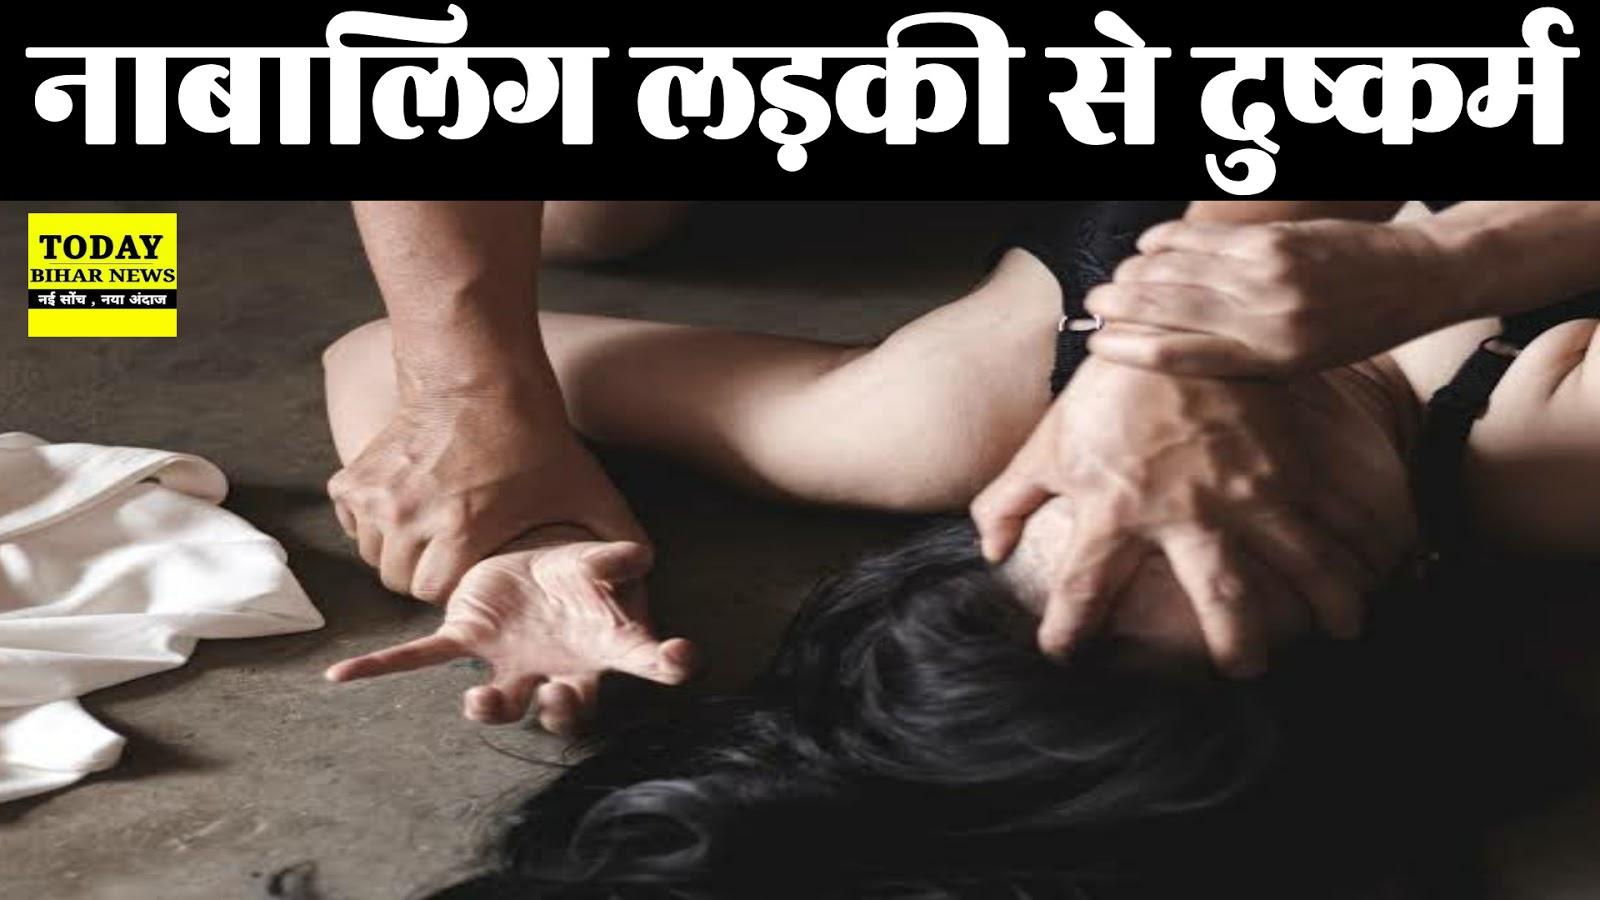 नाबालिग लड़की से घिनौनी हरकत, लड़की के पेट मे दर्द हुआ तो खुली पोल, आरोपी गिरफ्तार